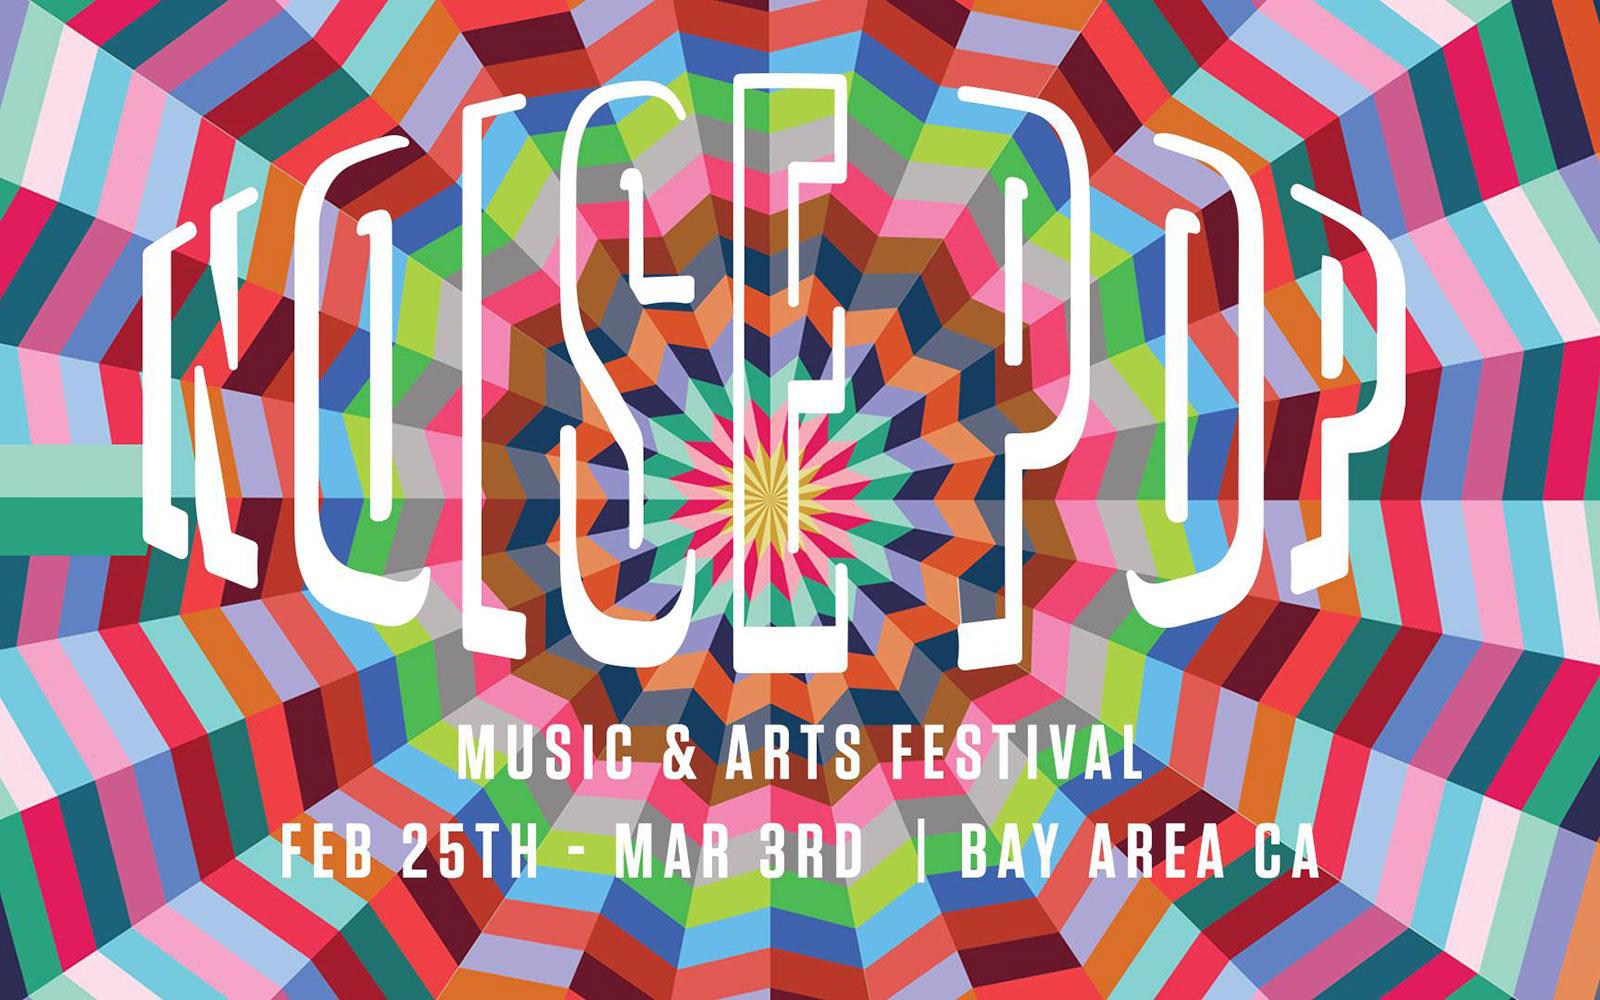 Noise Pop Festival 2019